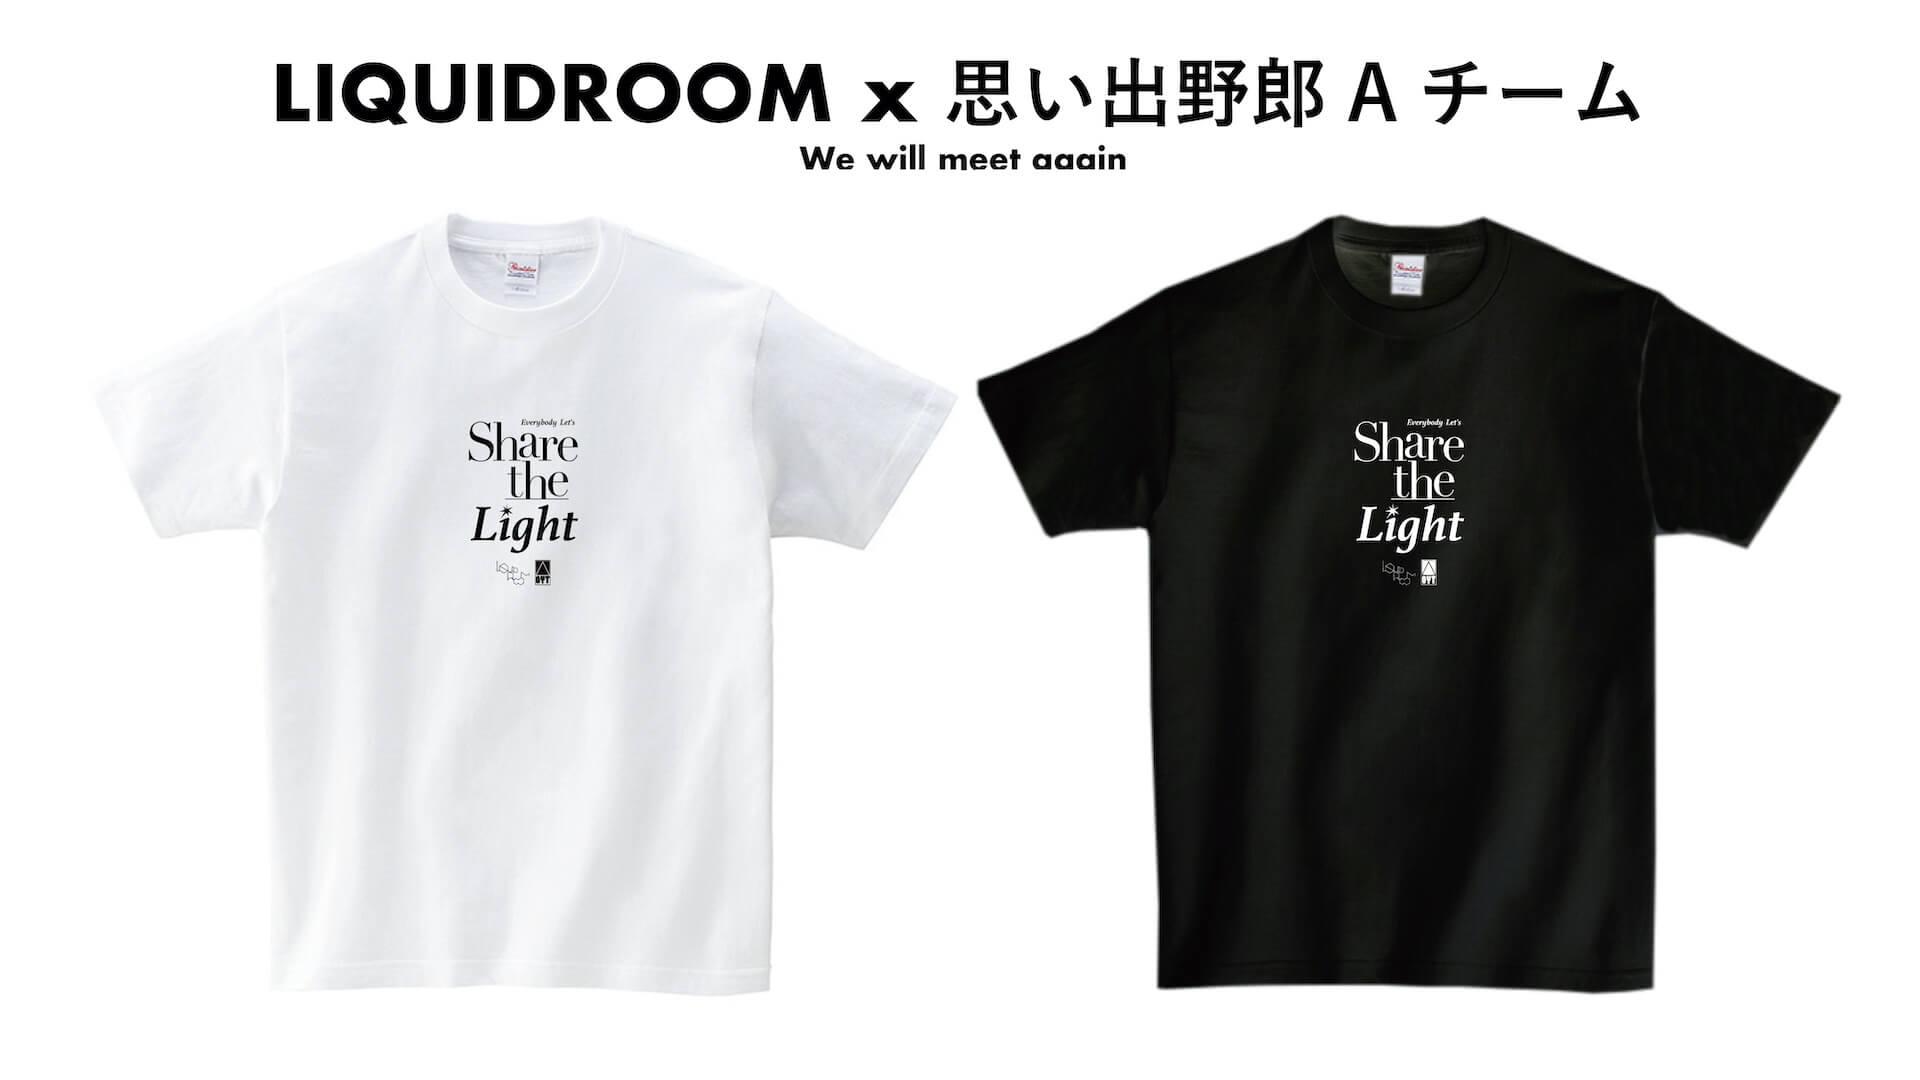 「灯りを分けあおう」──思い出野郎AチームとLIQUIDROOMのコラボTシャツが〈We will meet again〉から music200731-liquidroom-oyat-4